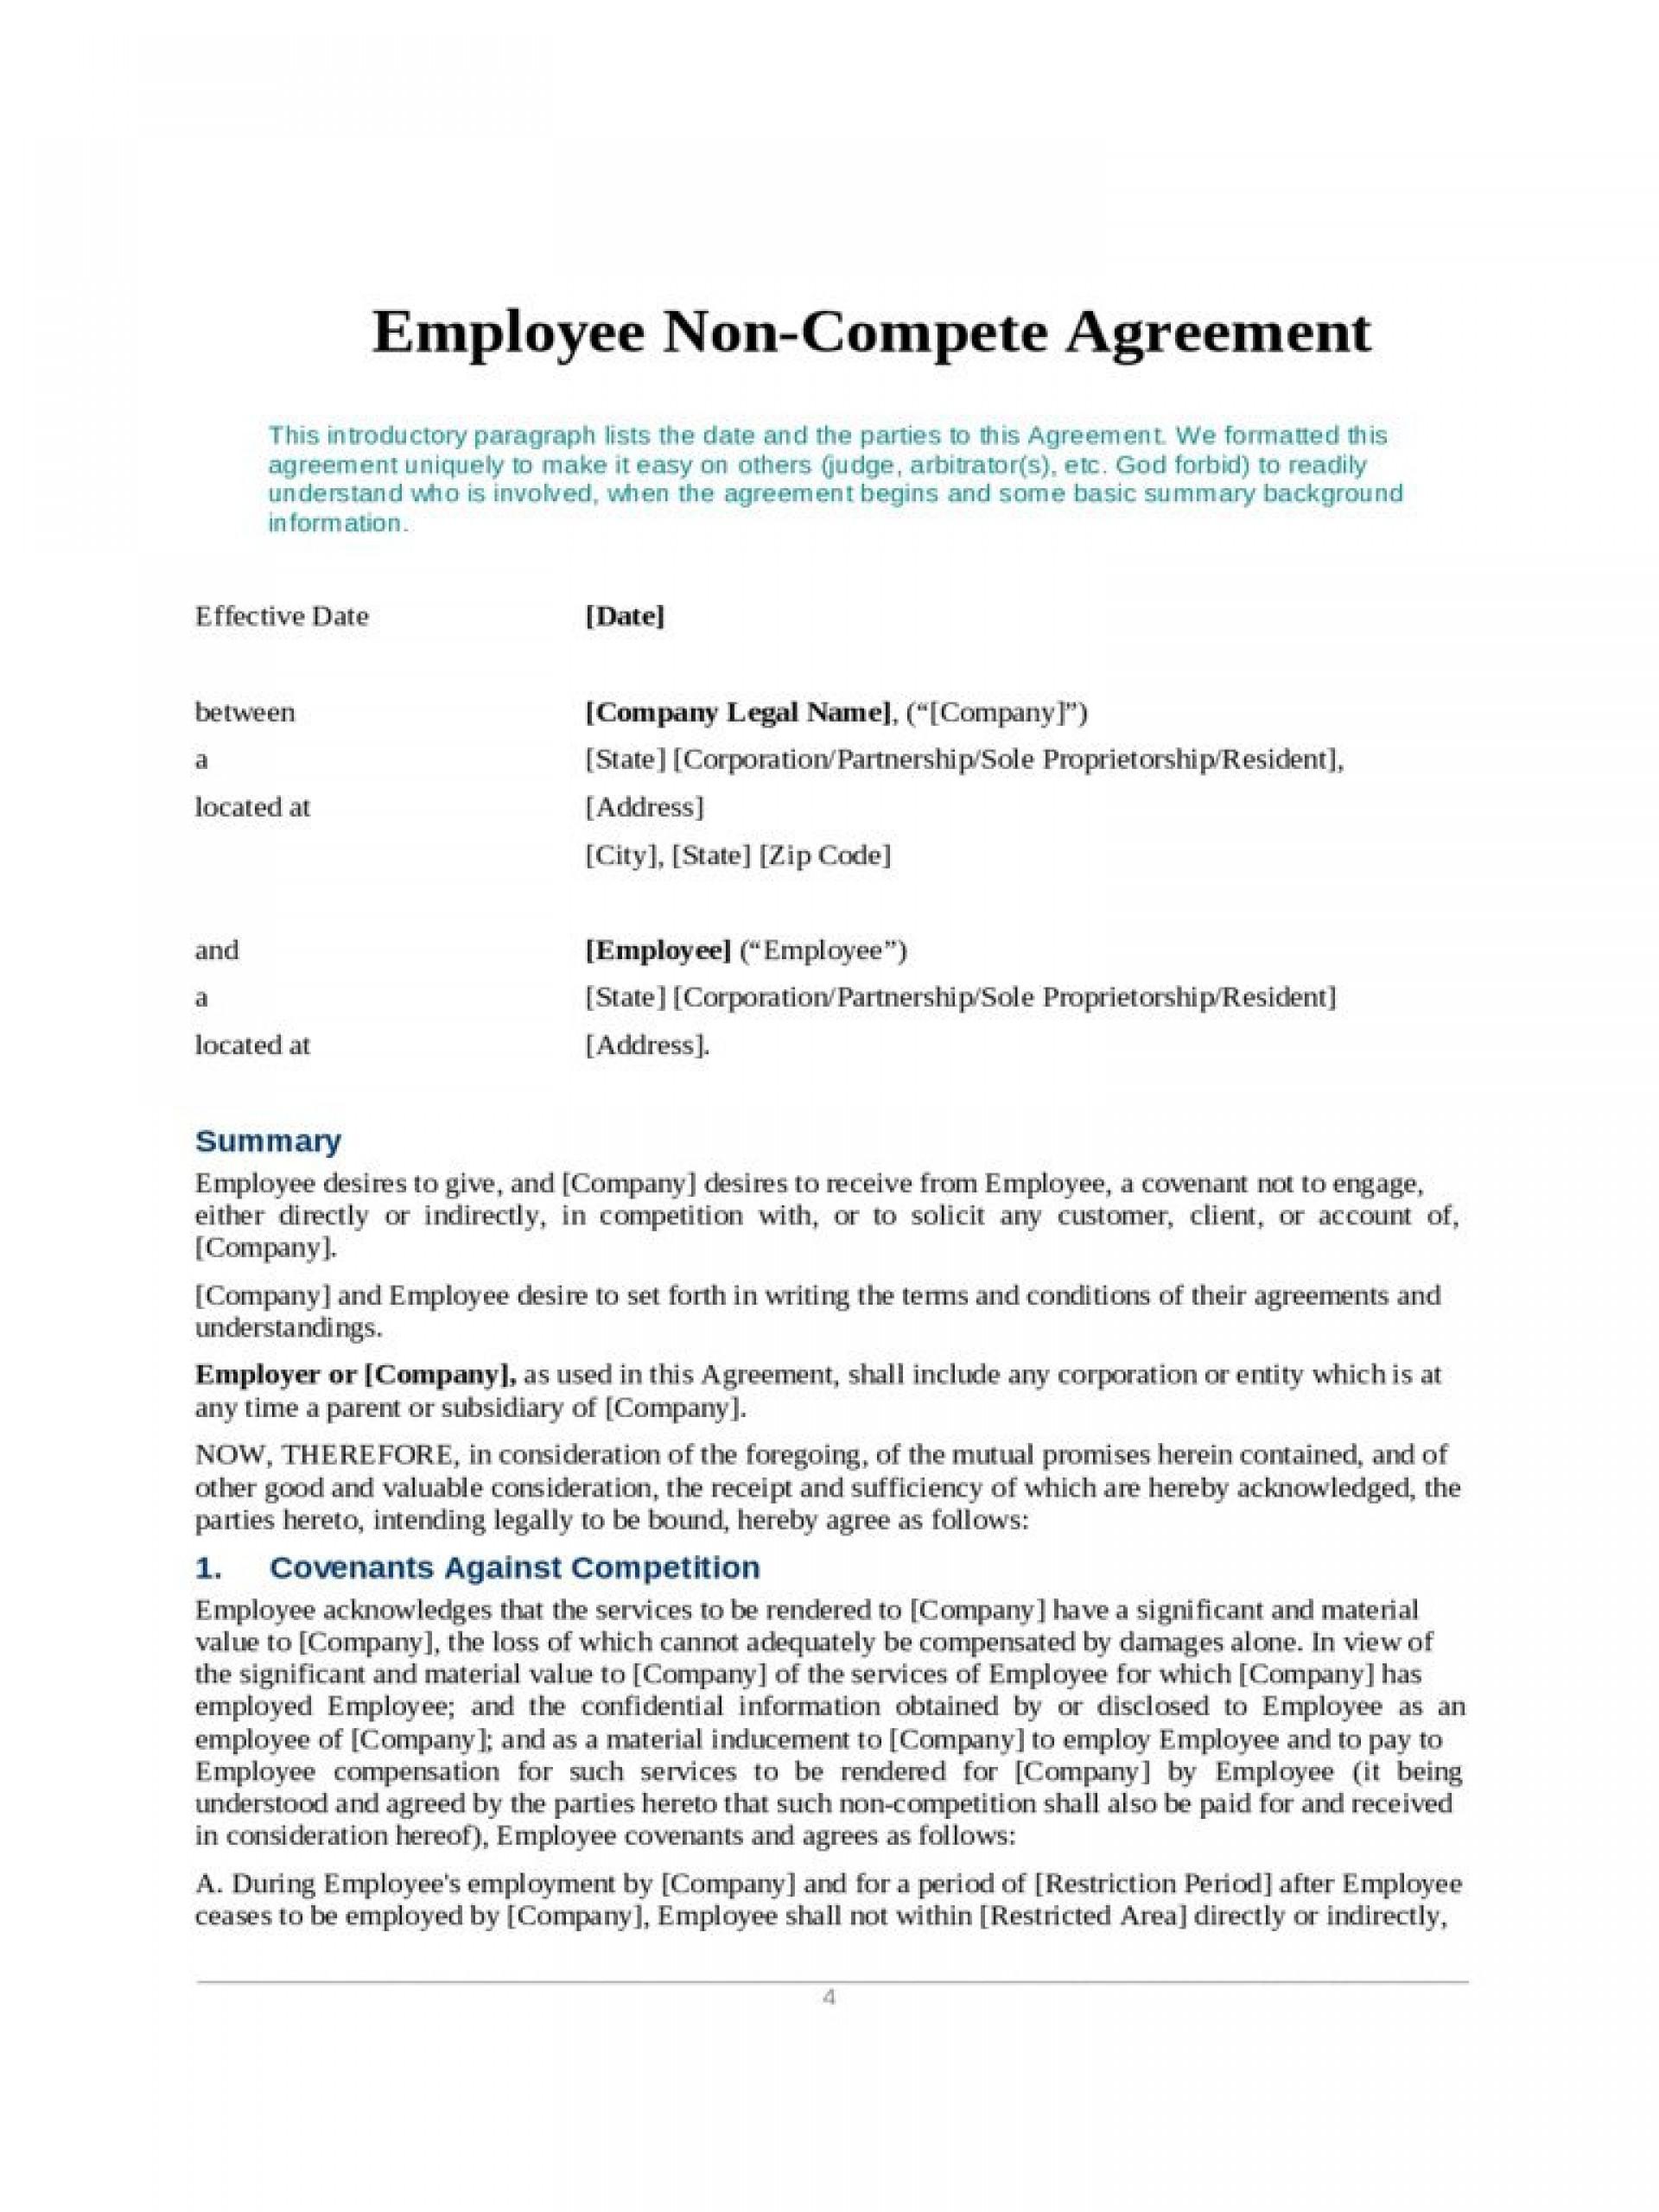 002 Fearsome Non Compete Agreement Template Word Design  Microsoft Non-compete Free1920